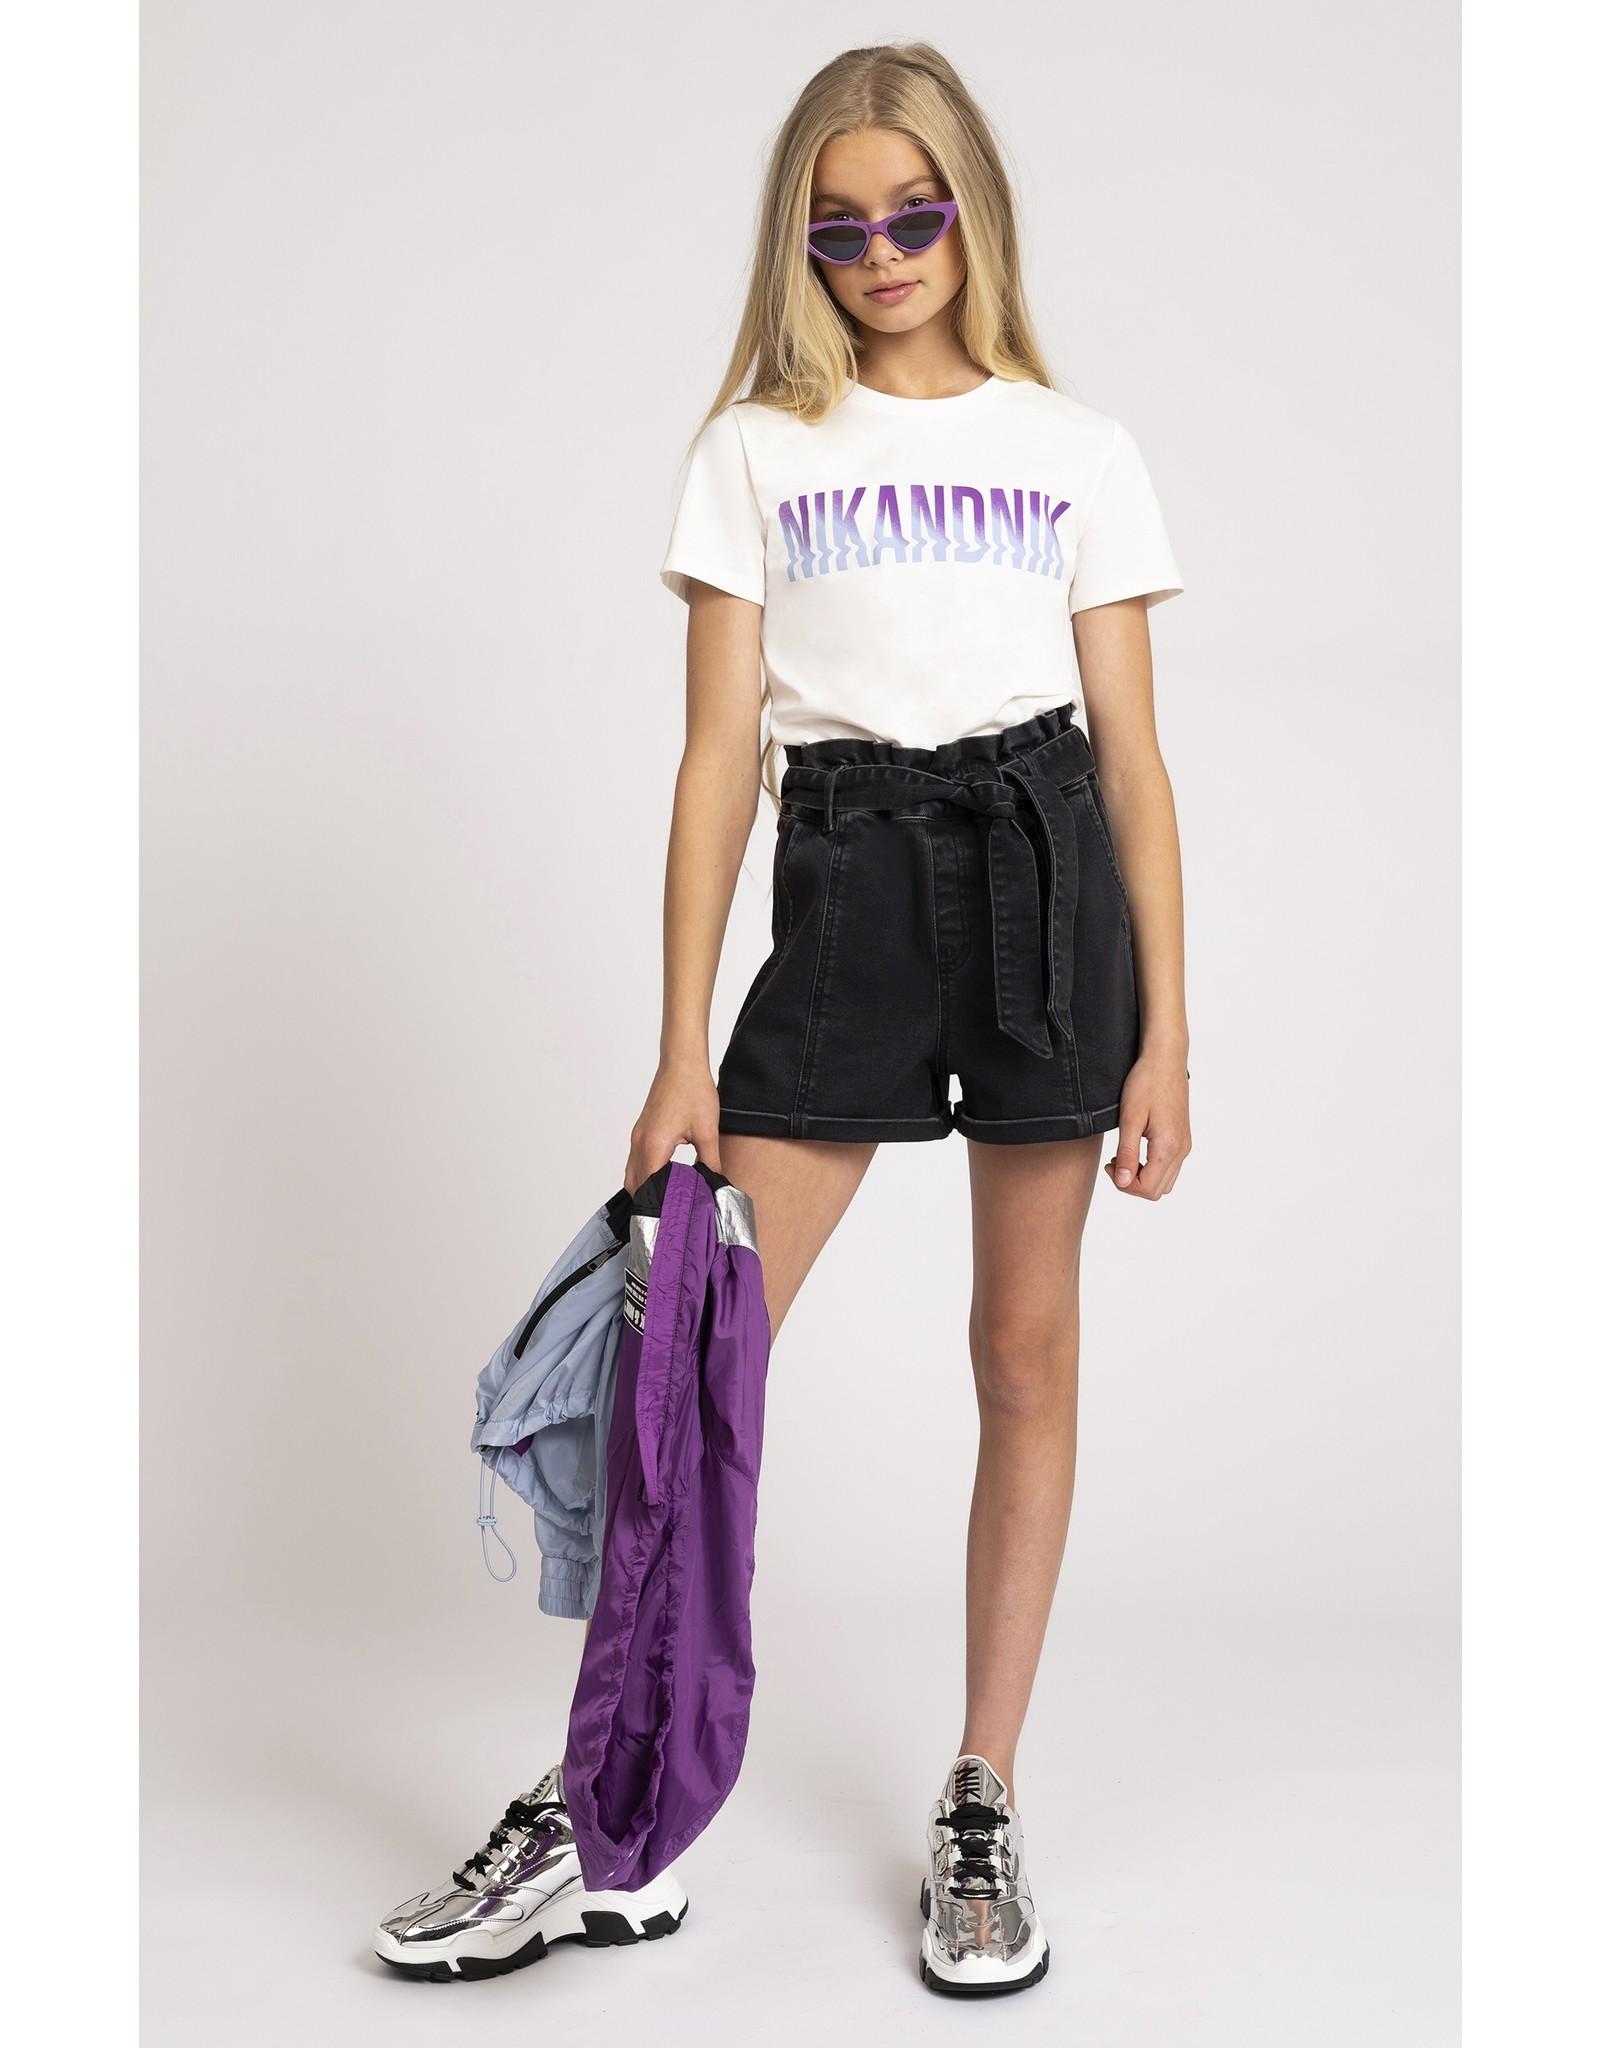 Nik & Nik Annika T-Shirt